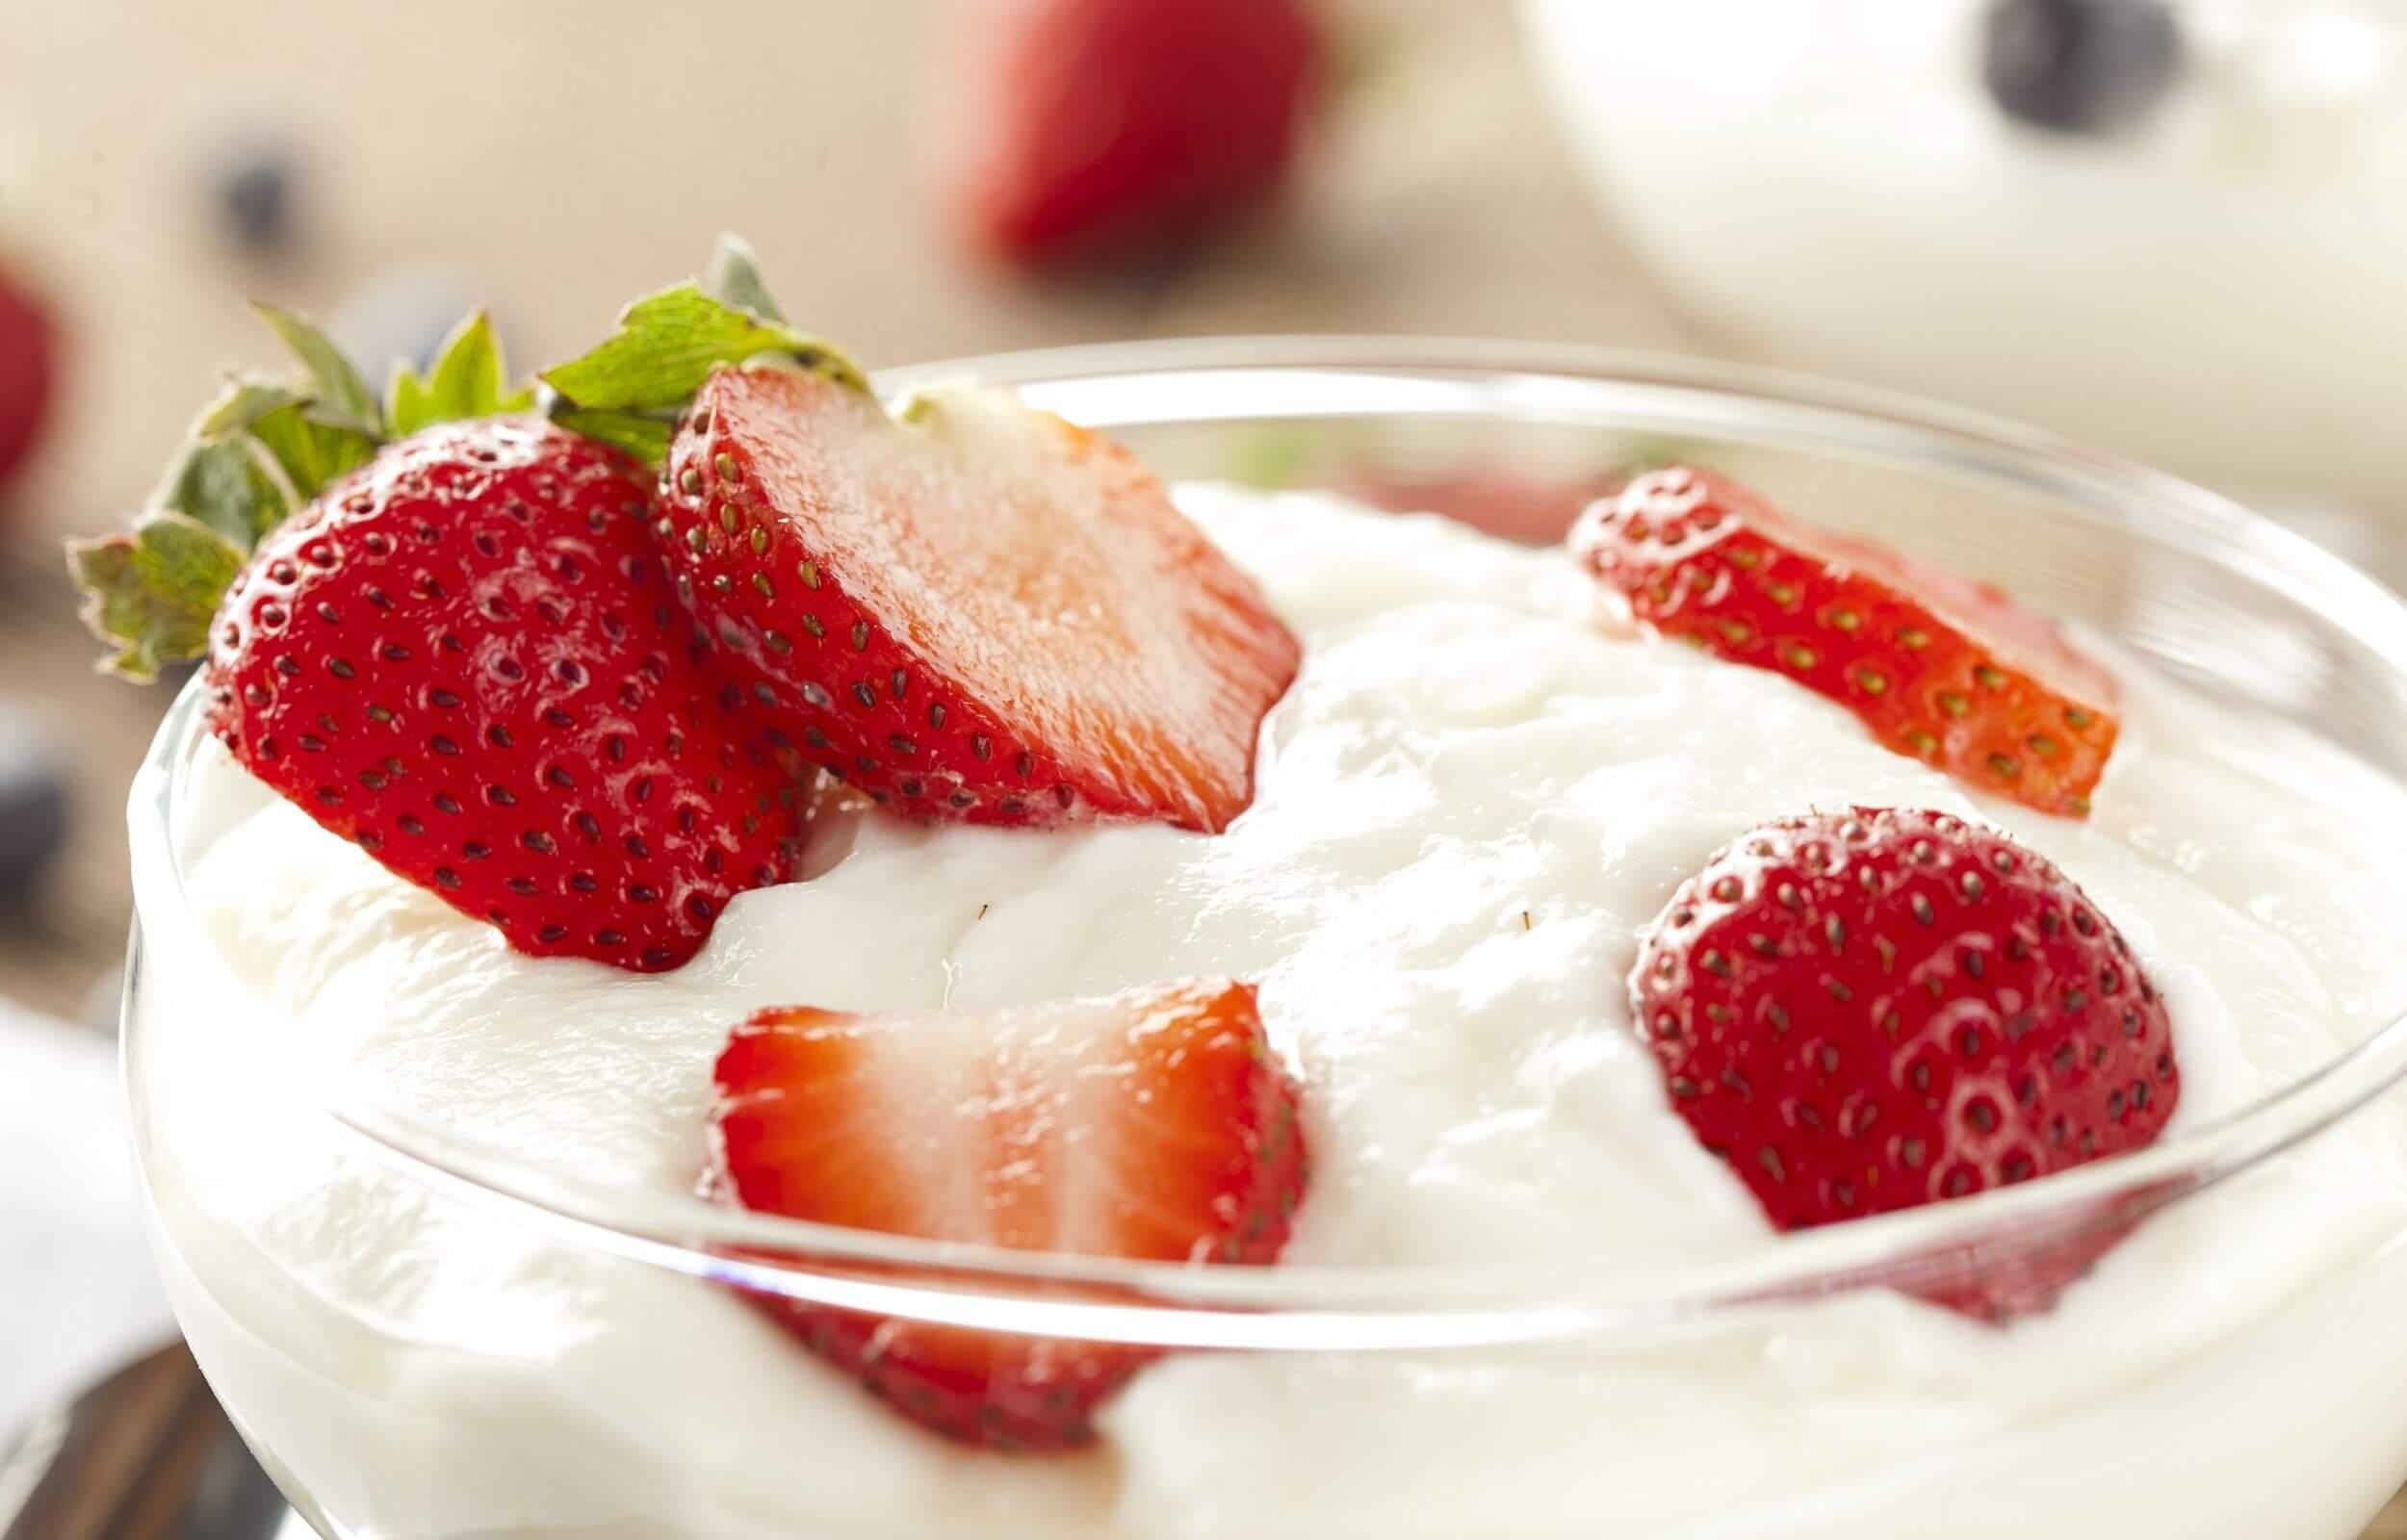 Dâu tây kết hợp với sữa chua không đường sẽ tạo nên hỗn hợp trị mụn đầu đen hiệu quả